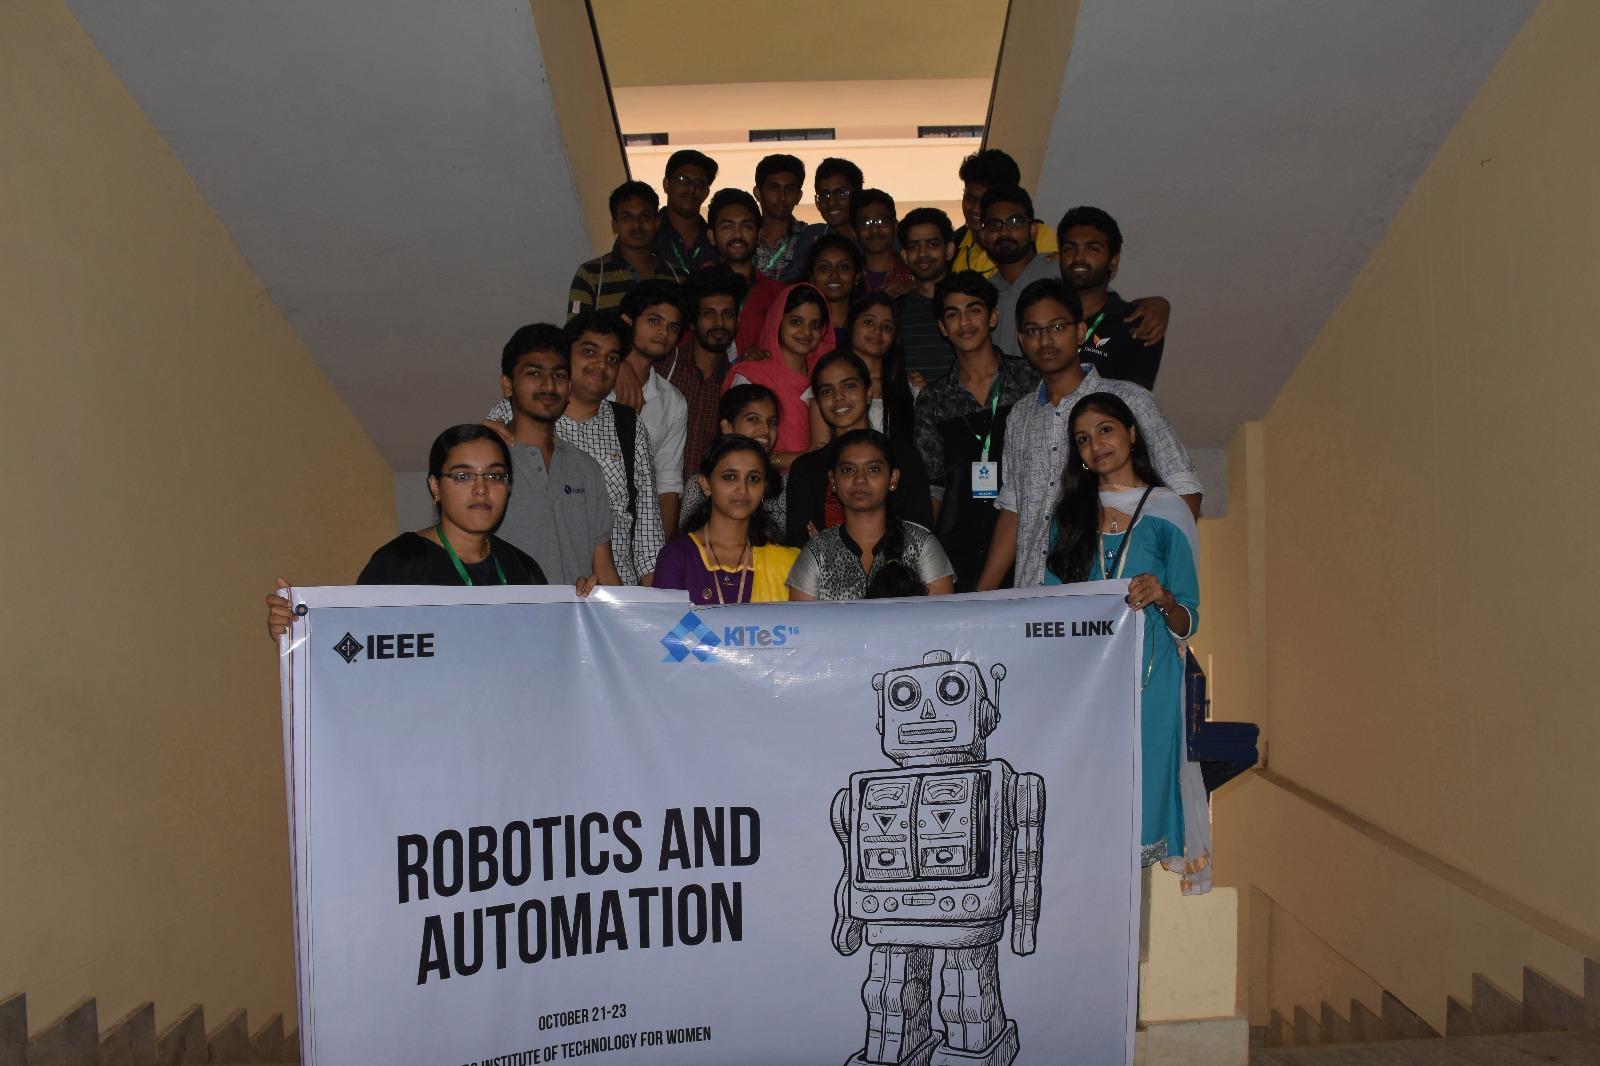 IEEE robotics workshop at IBS college